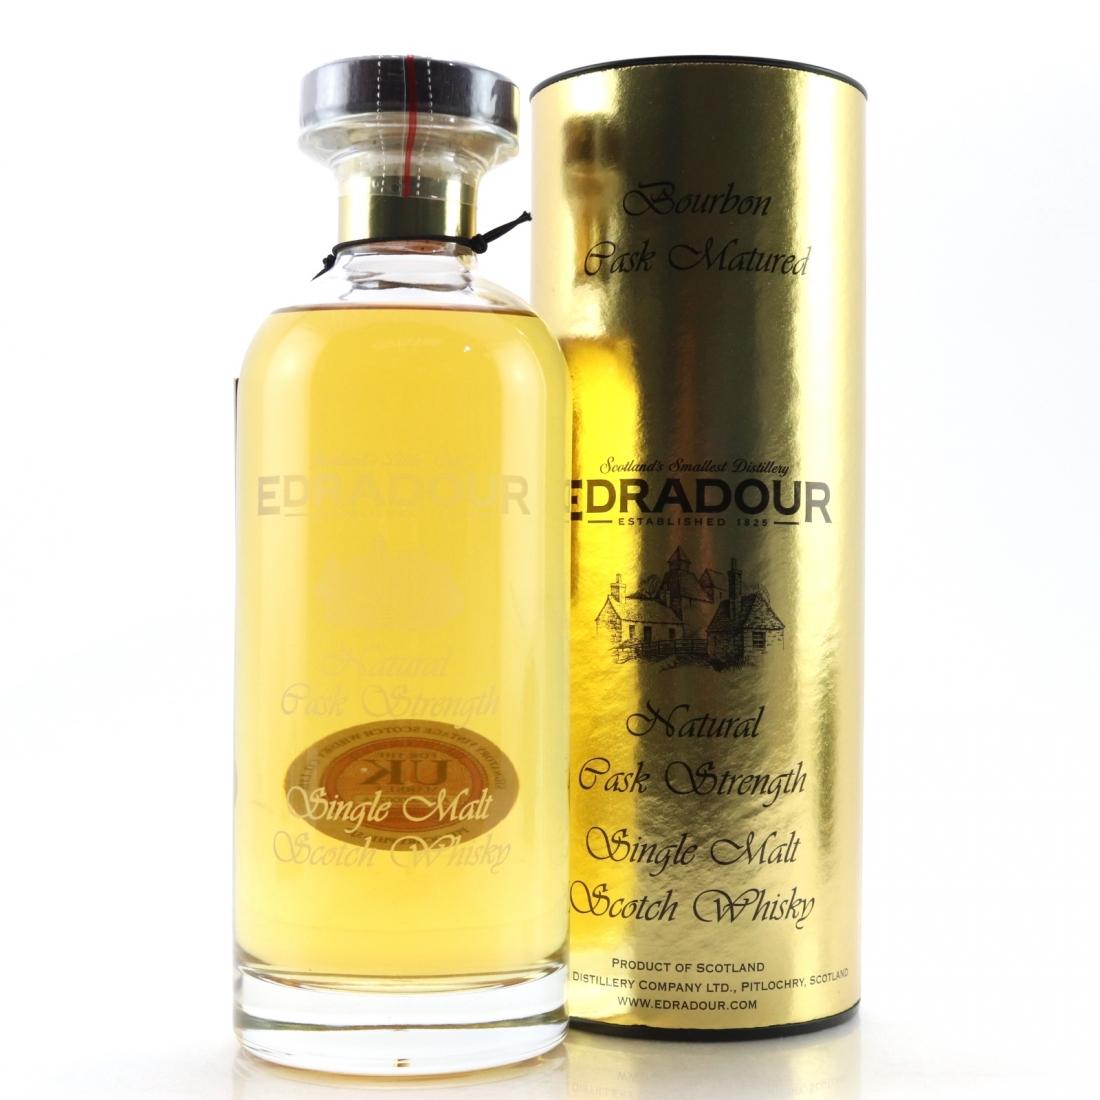 Edradour 2007 Signatory Vintage Cask Strength Decanter / Bourbon